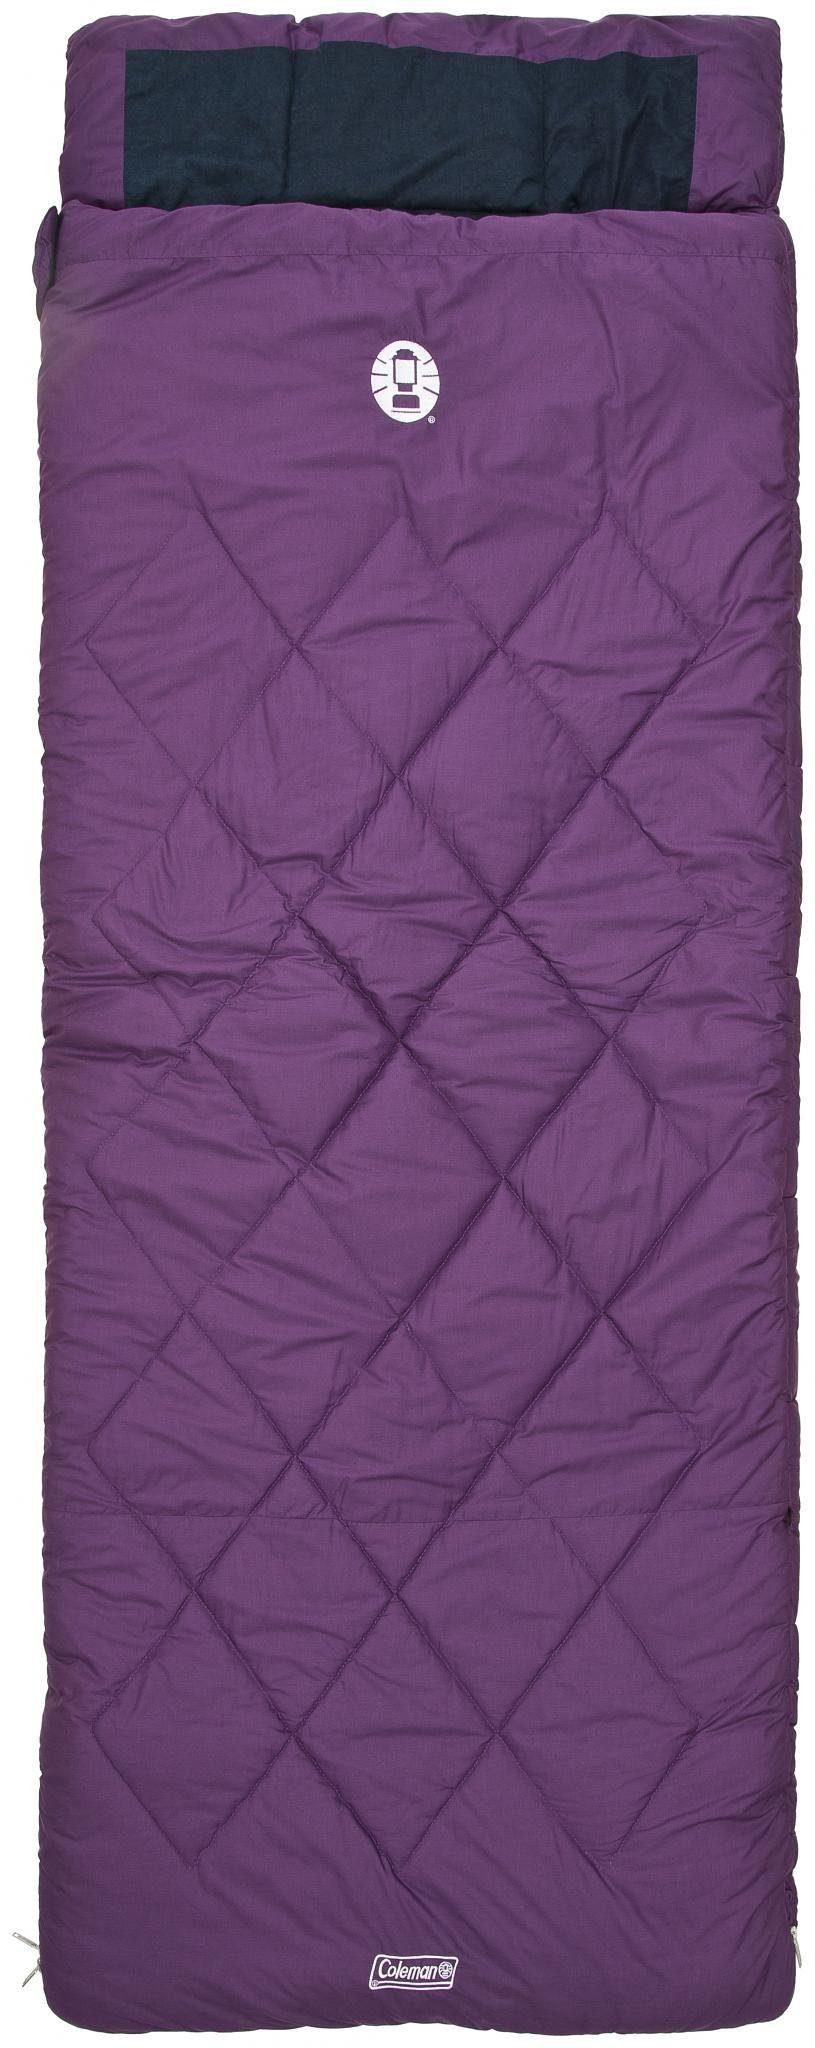 Coleman Schlafsack »Vail Comfort Sleeping Bag«